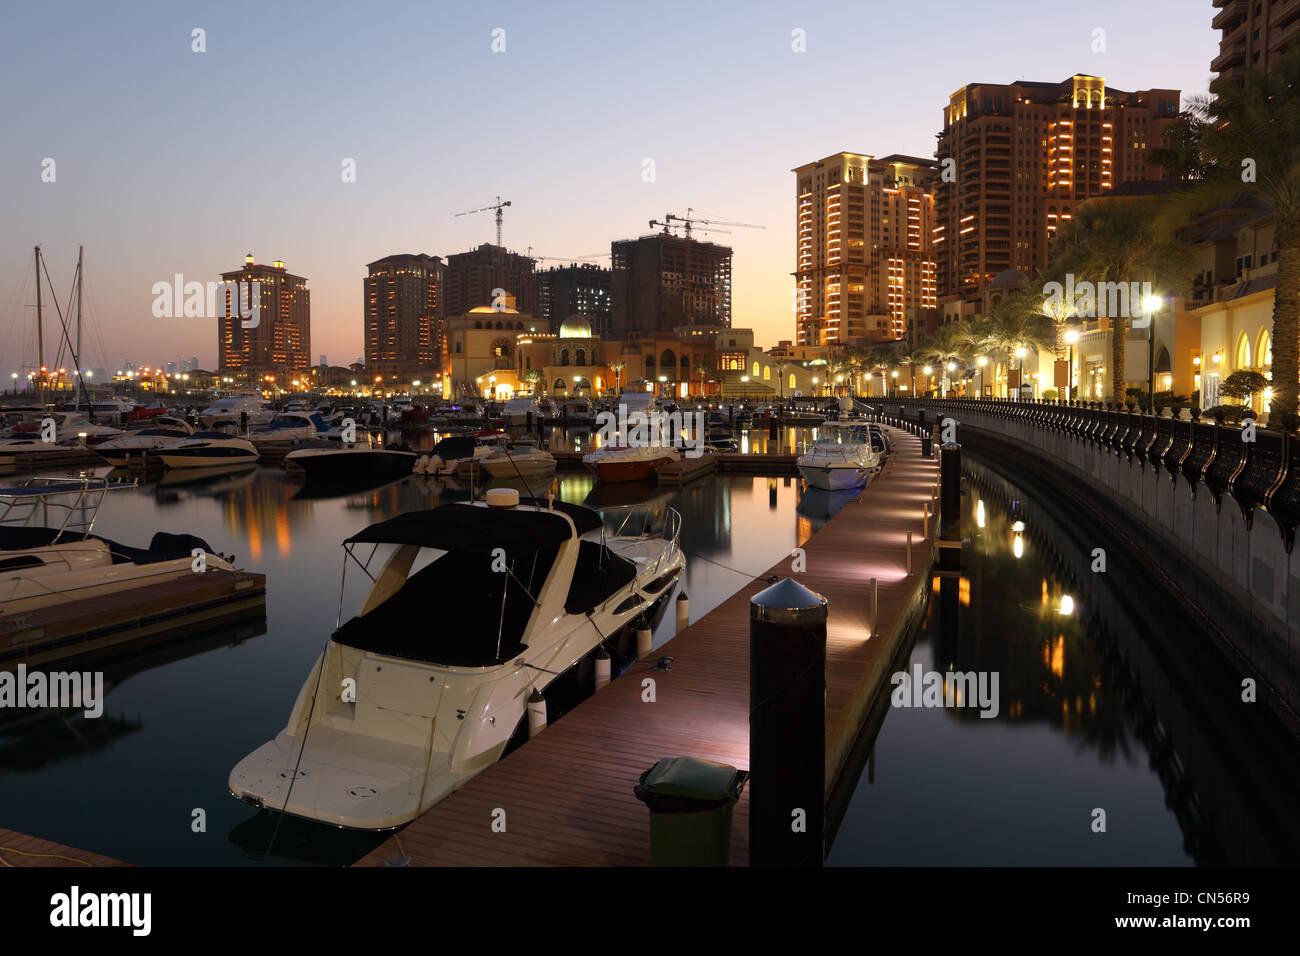 Porto Saudita al anochecer. La Perla en Doha, Qatar Imagen De Stock